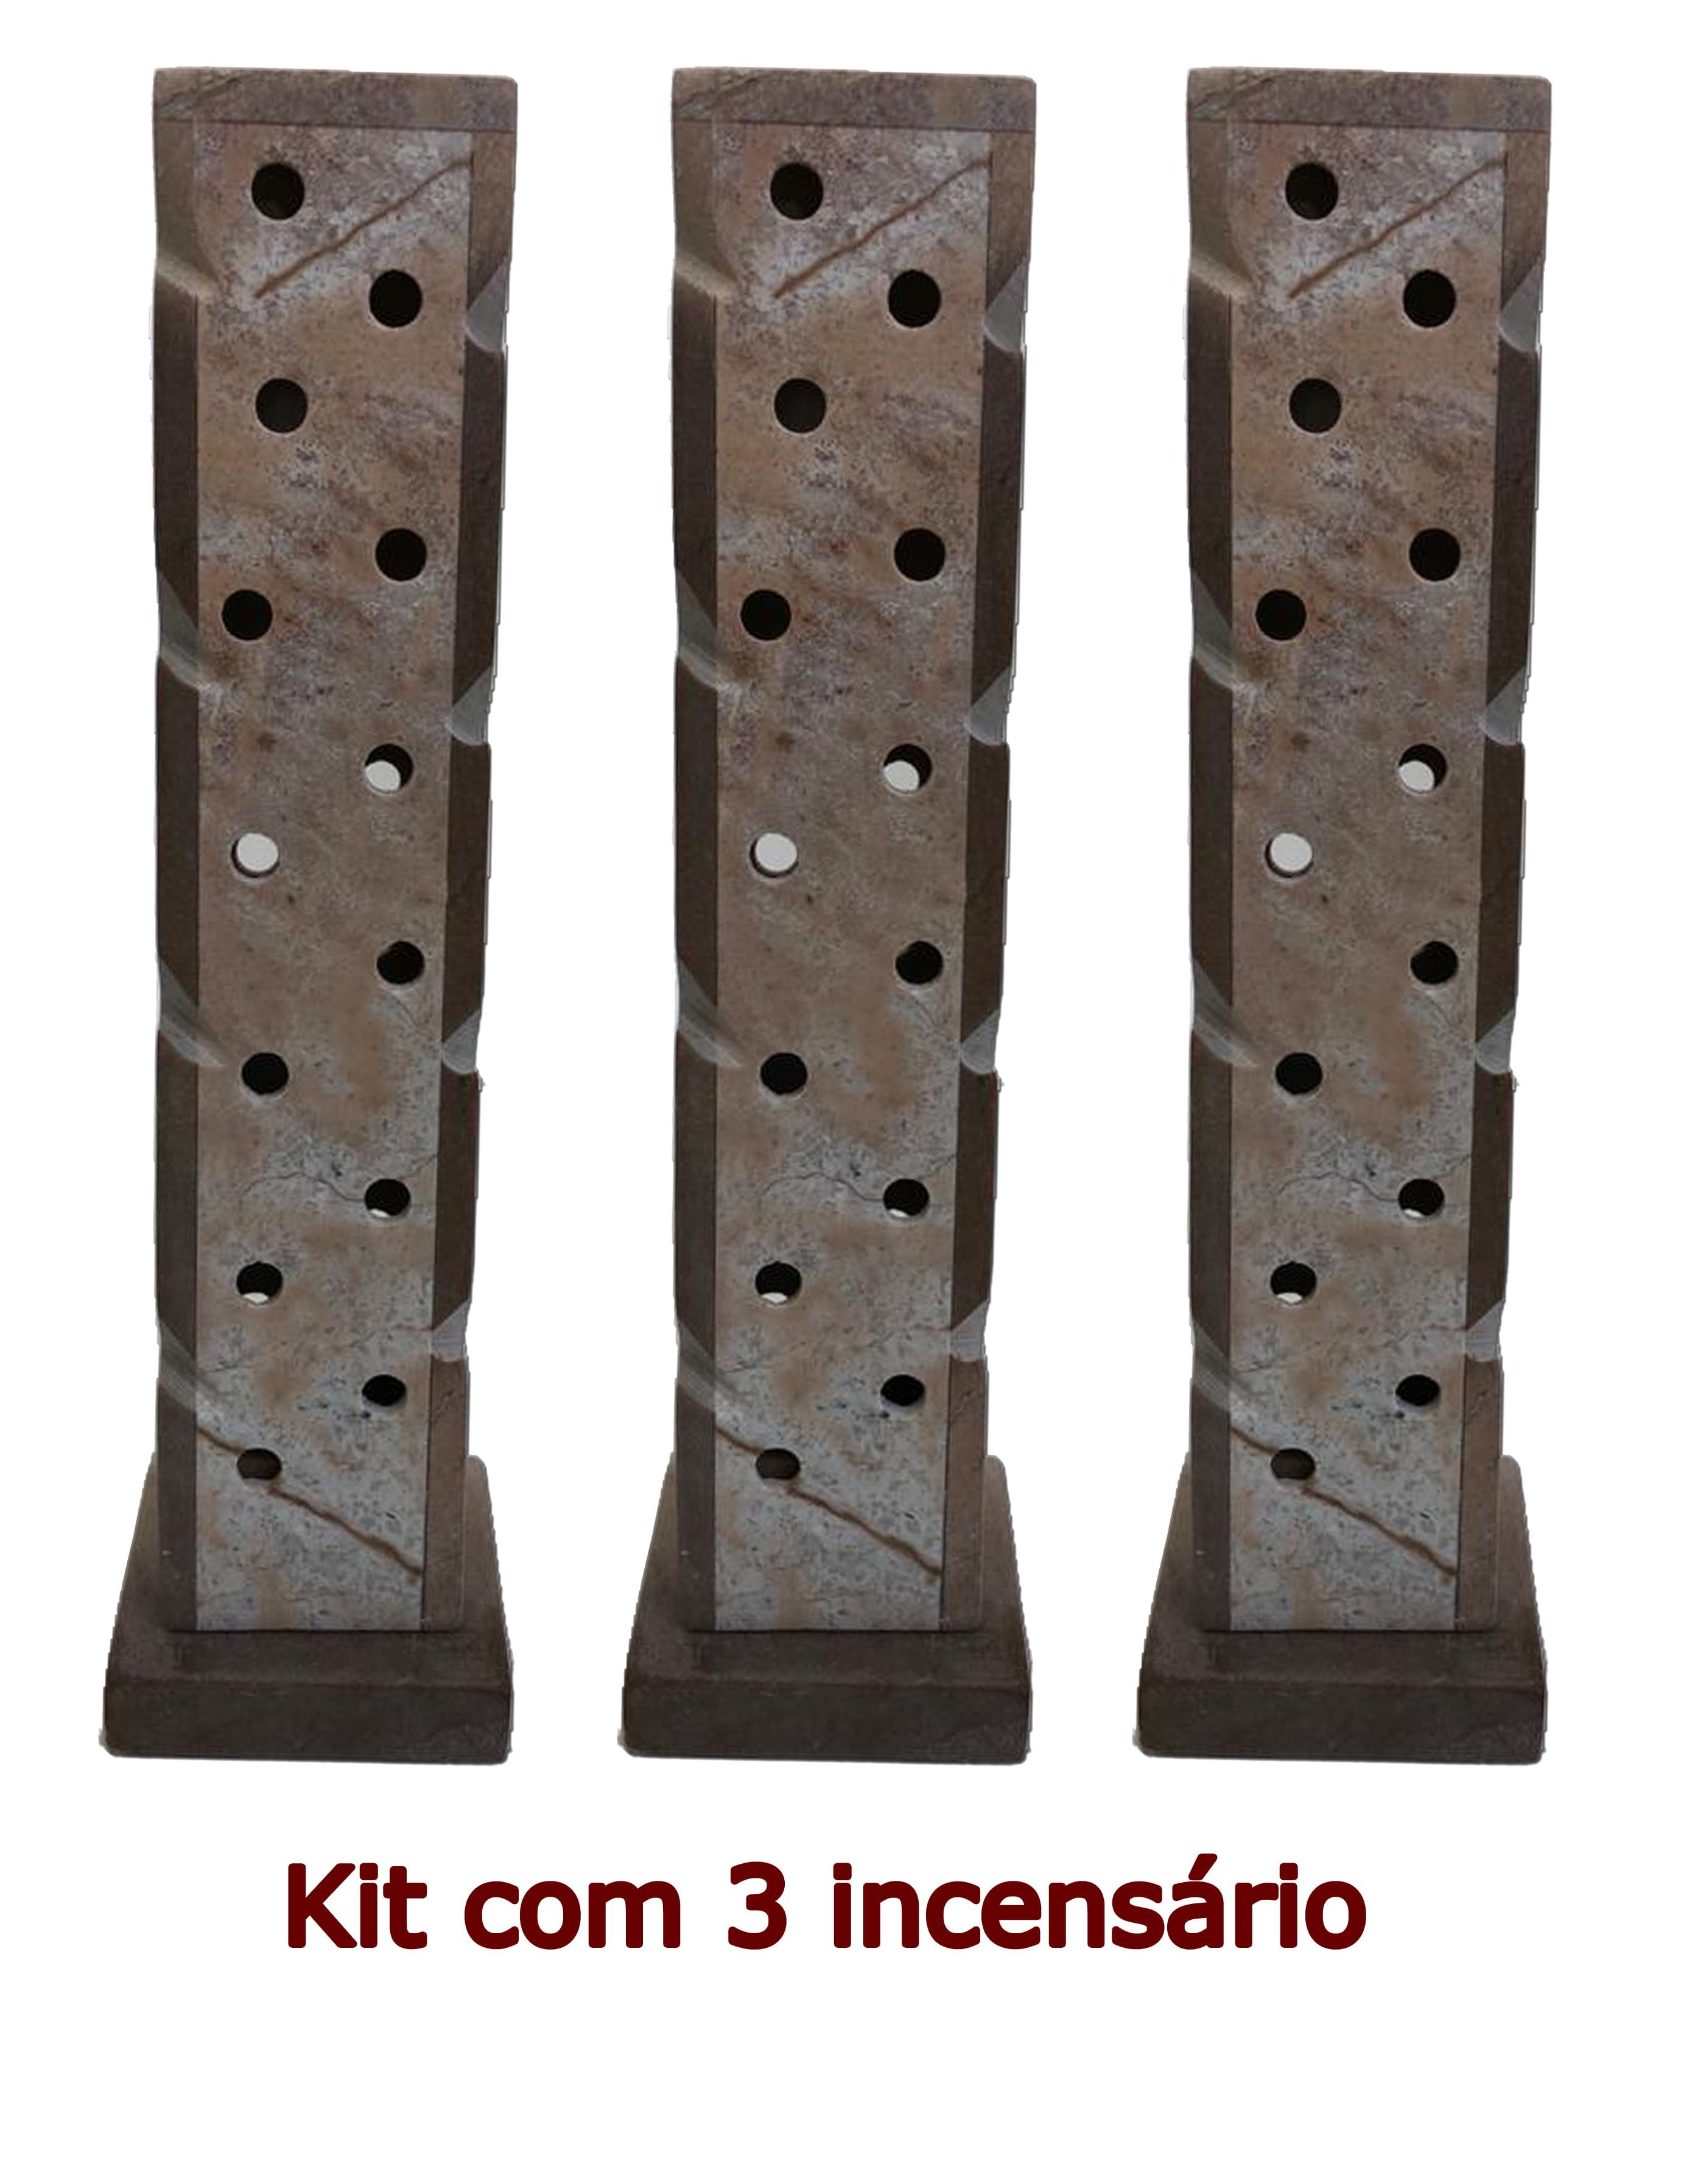 Kit 3 Incensários e Luminária de pedra sabão linda peça Tonalidade Natural  -